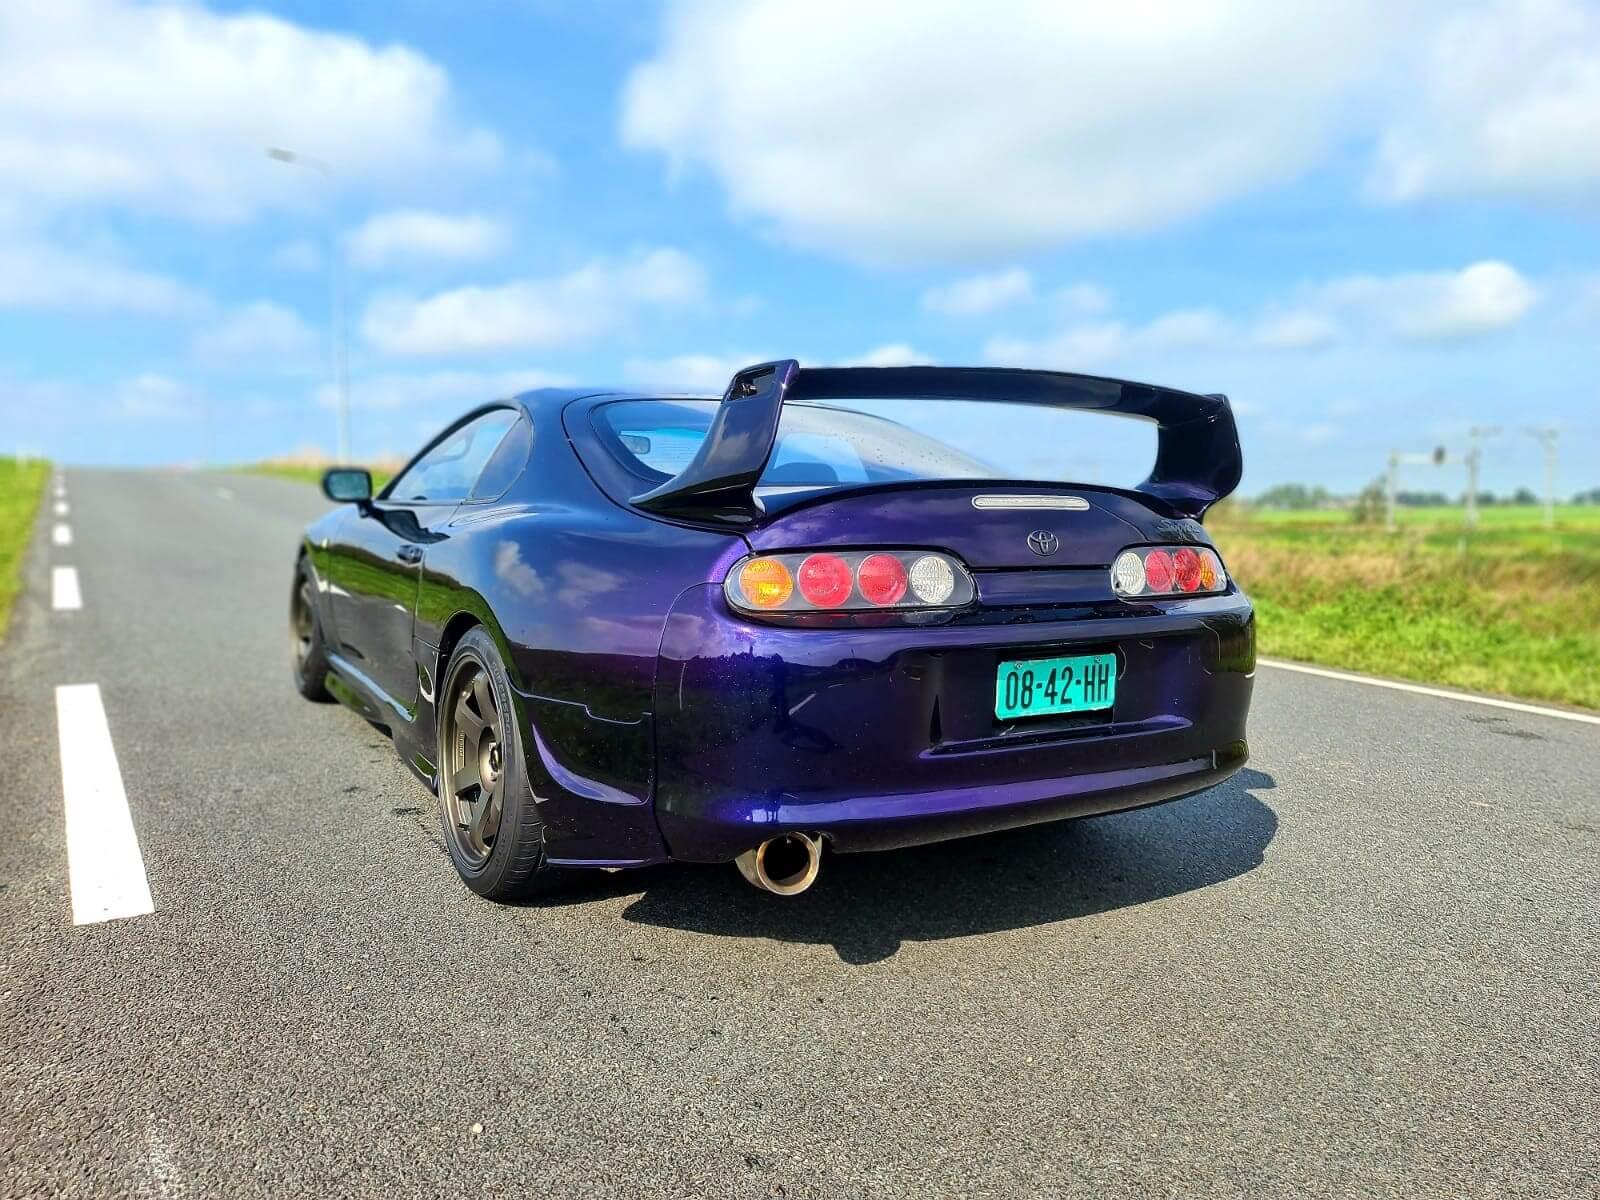 Toyota-Supra-Non-Turbo-W58-5-Speed-10